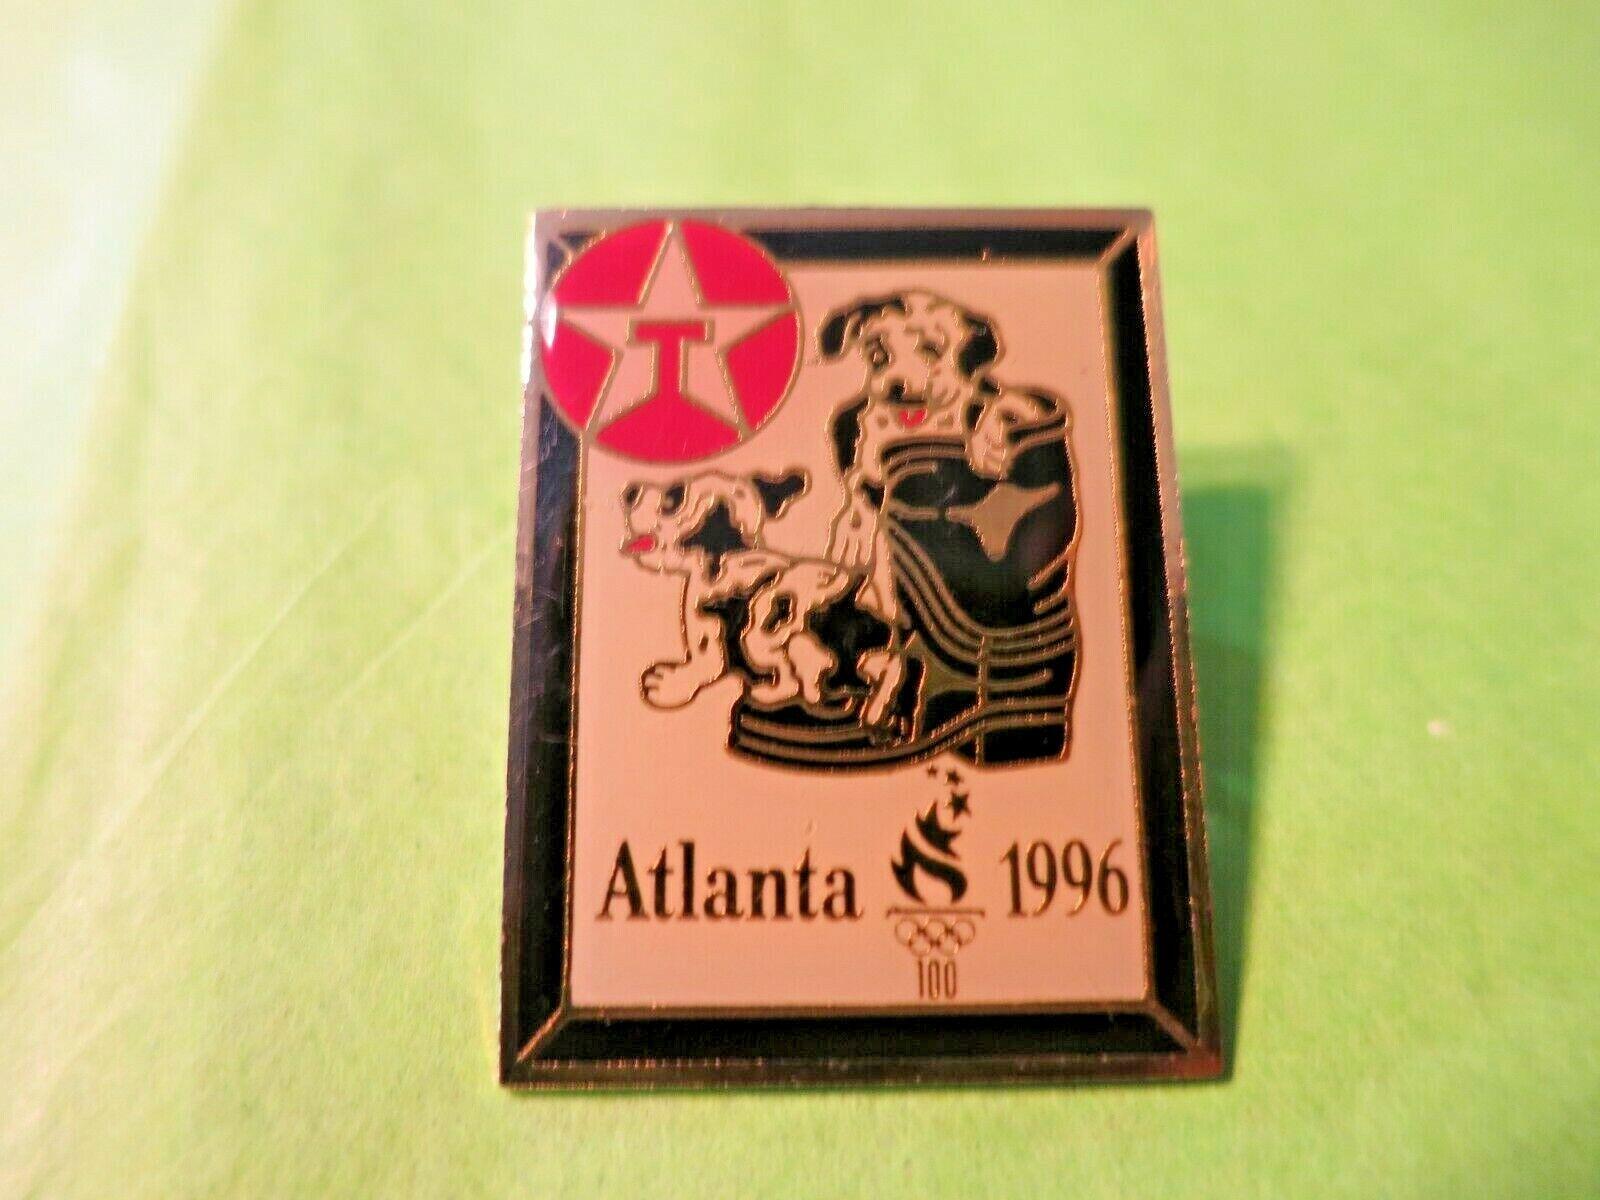 Texaco Sponsor Atlanta 1996 Olympics 1992 Lapel Pin ACOG Hat Push Pin - $3.99